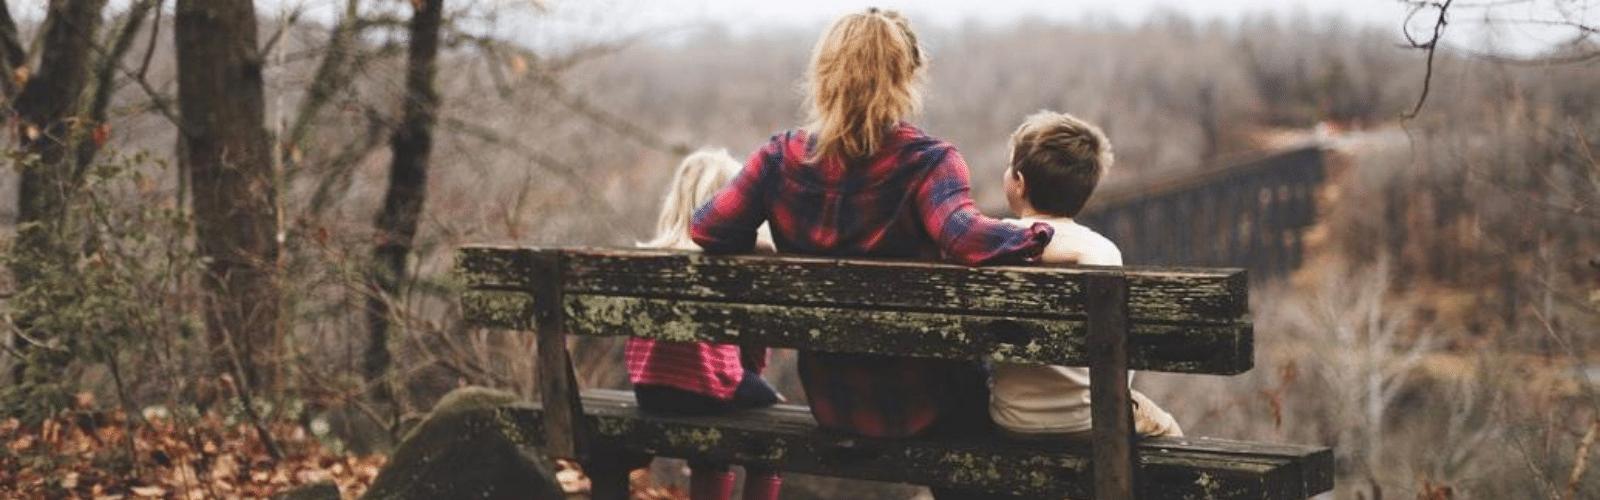 Job d'étudiant : nos tips pour décrocher un babysitting !